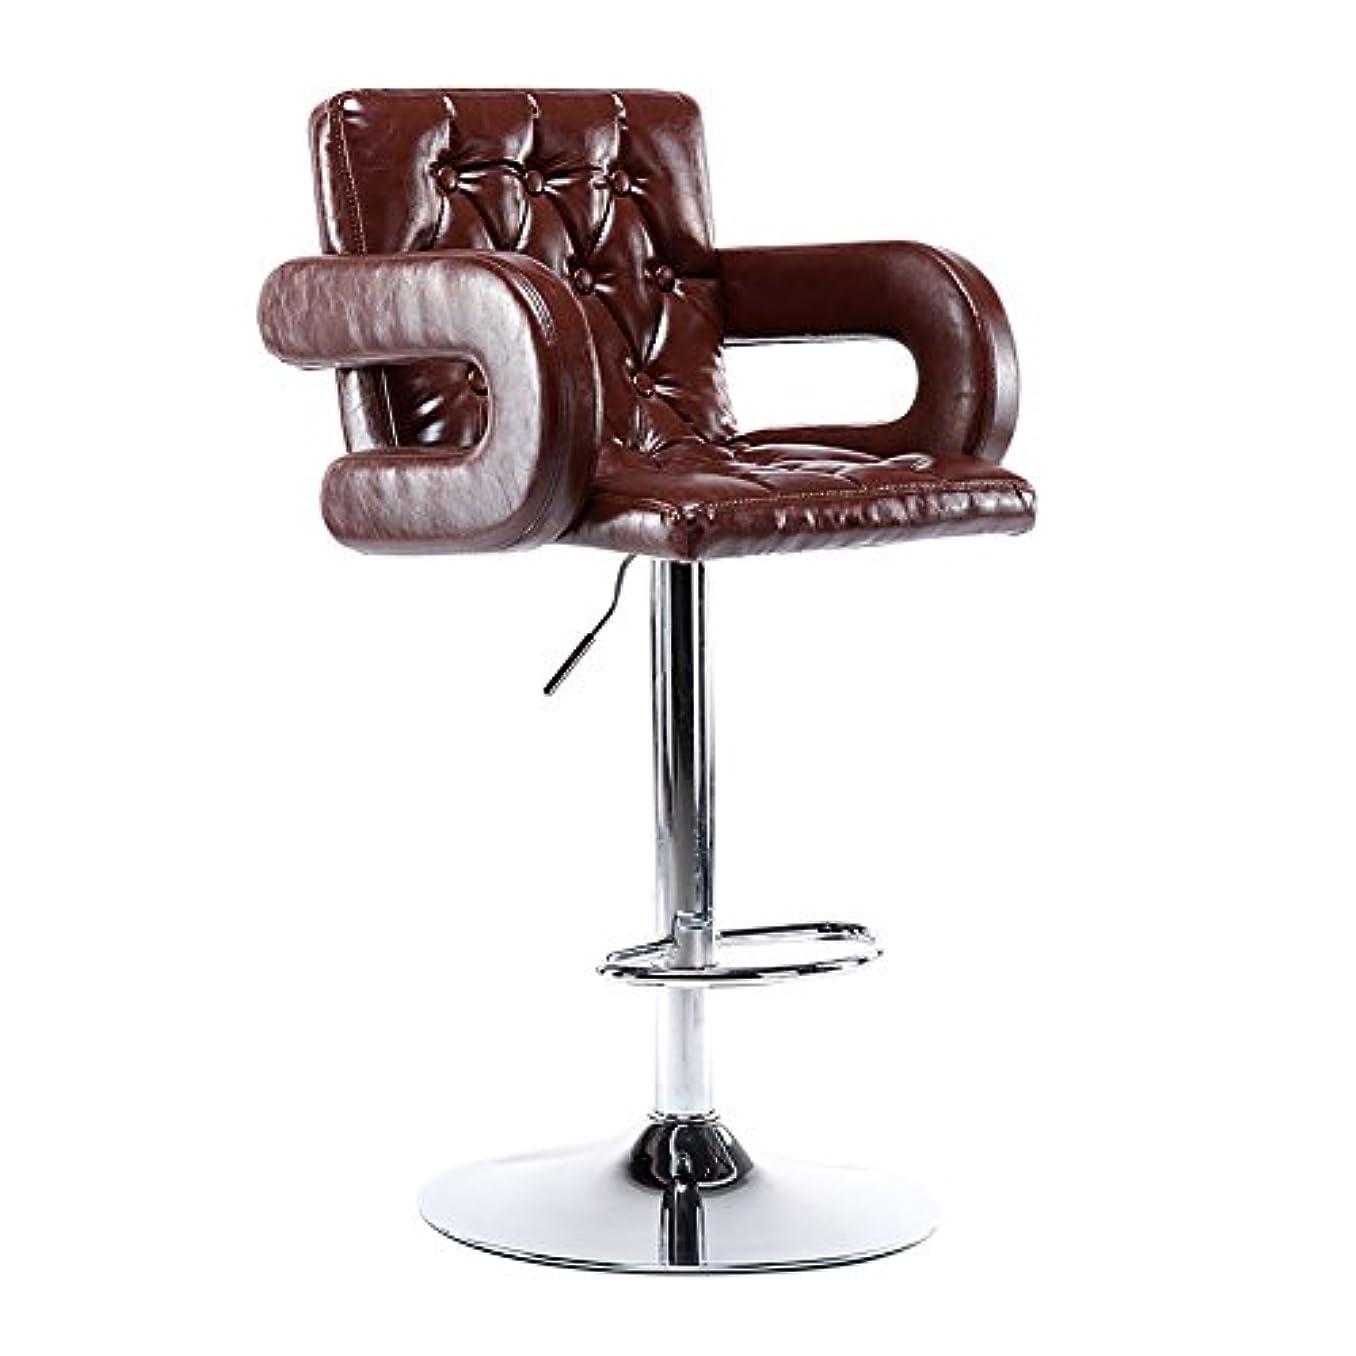 三番勇者学校の先生毎日の家 多機能スイベルチェア、美容ローラースツール、調節可能な高さ、ホイール付き、360度回転、快適な椅子、アームレスト付き、最大荷重150kg (色 : ブラウン-2, サイズ さいず : BEST)